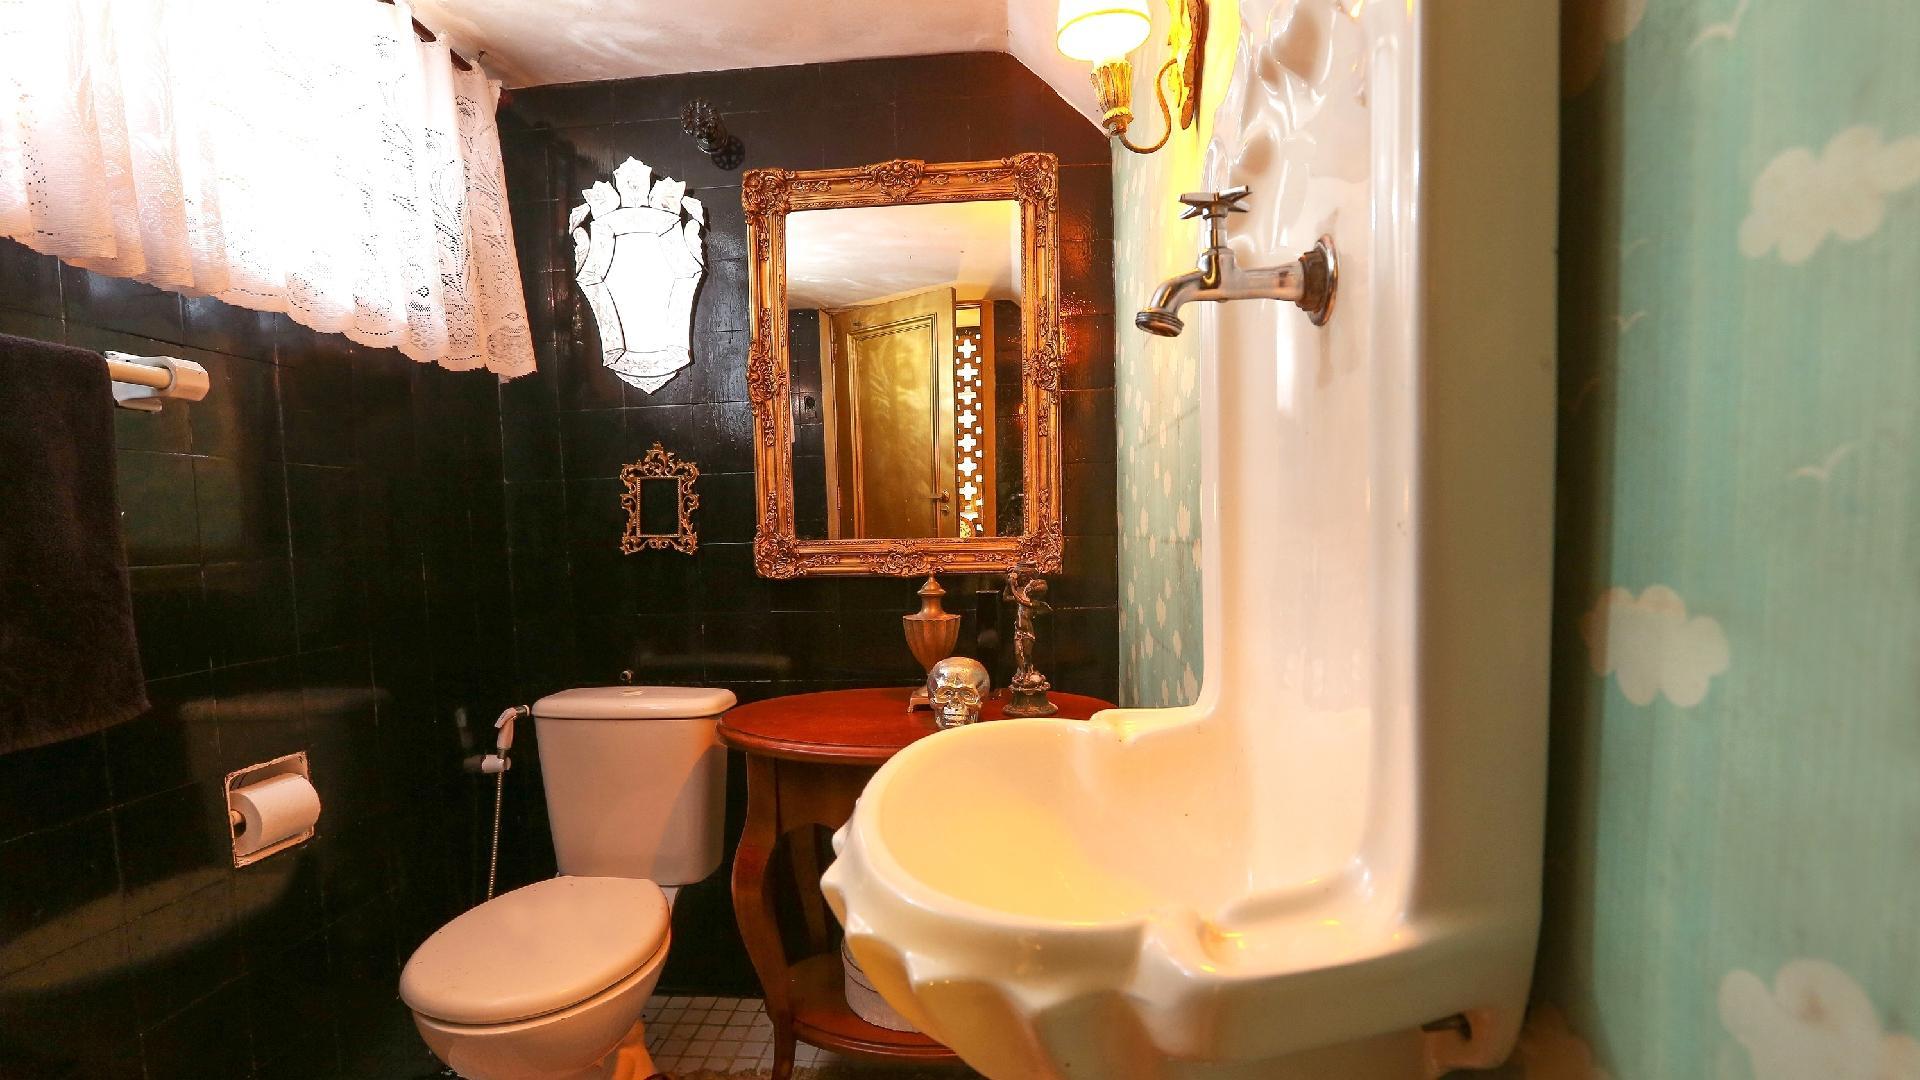 O lavabo da casa de Igor Rickli, no Rio de Janeiro, também foi decorado por ele e pela cantora Aline Wirley. Três espelhos com diferentes dimensões foram posicionados sobre a parede de azulejos pintados. À direita, o lavatório de parede contrasta com o revestimento infantil e delicado, cheio de nuvens e passarinhos: tal combinação leva um clima descontraído ao espaço